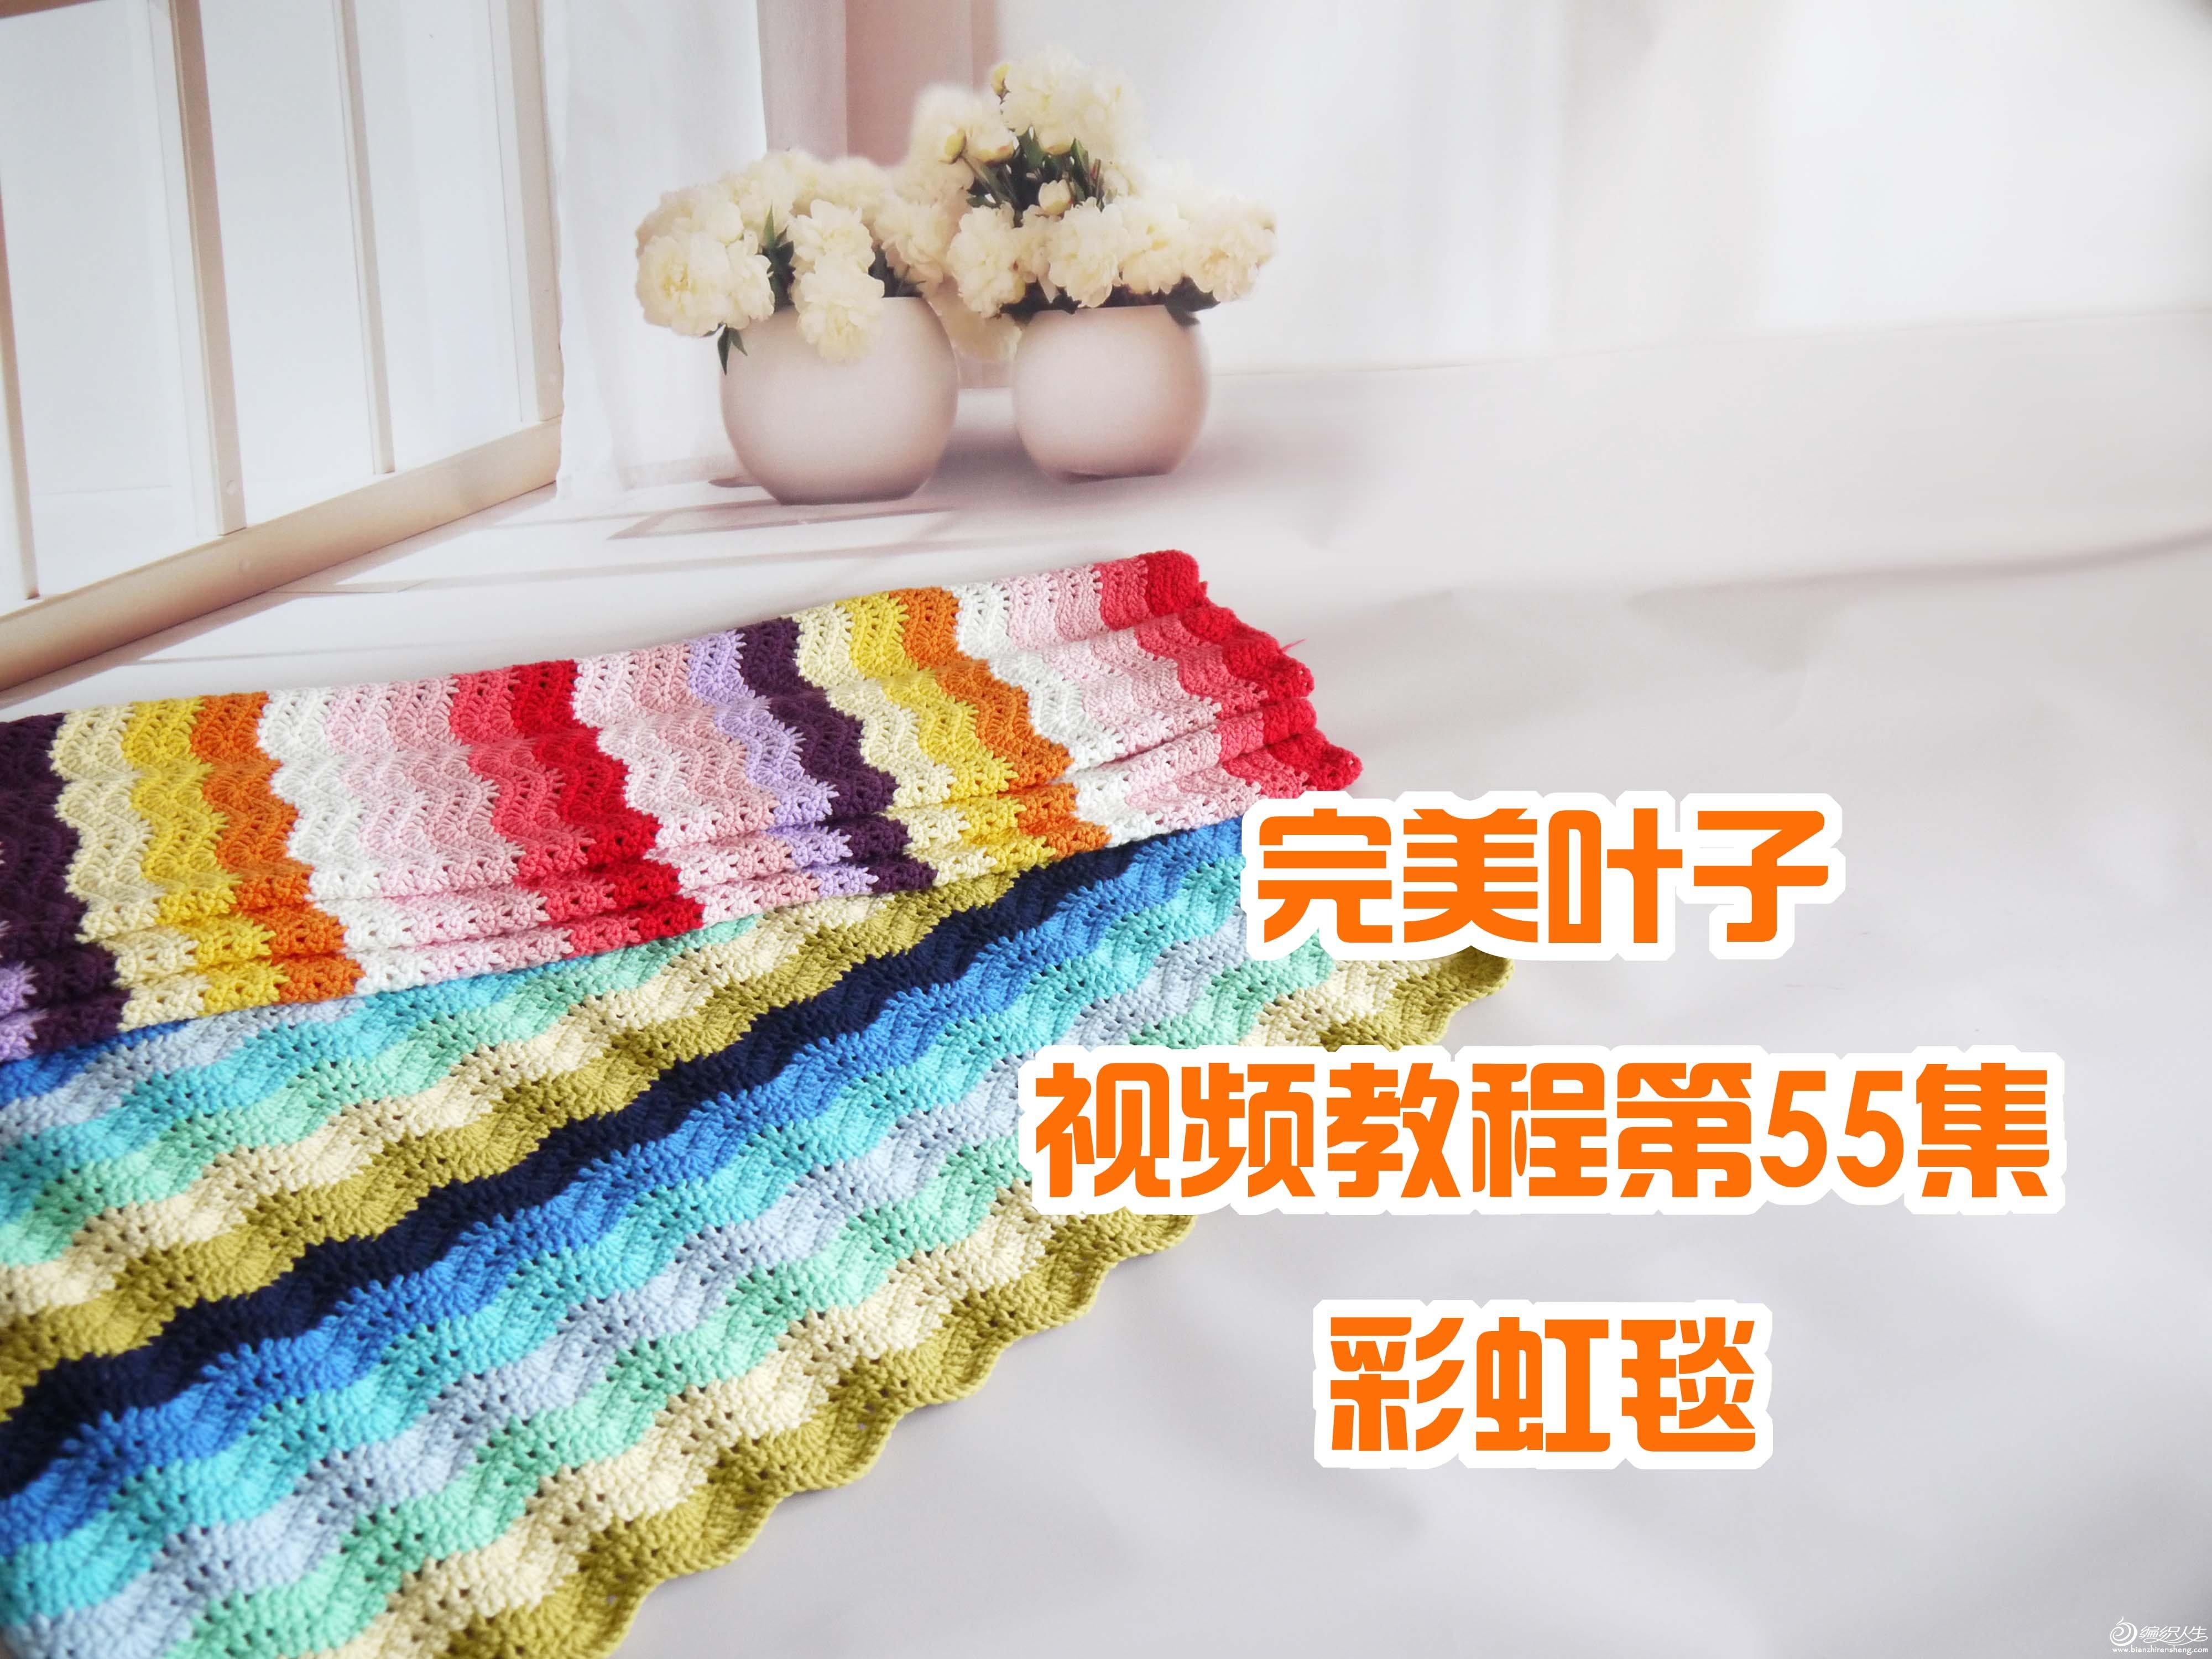 彩虹毯-1-1.jpg